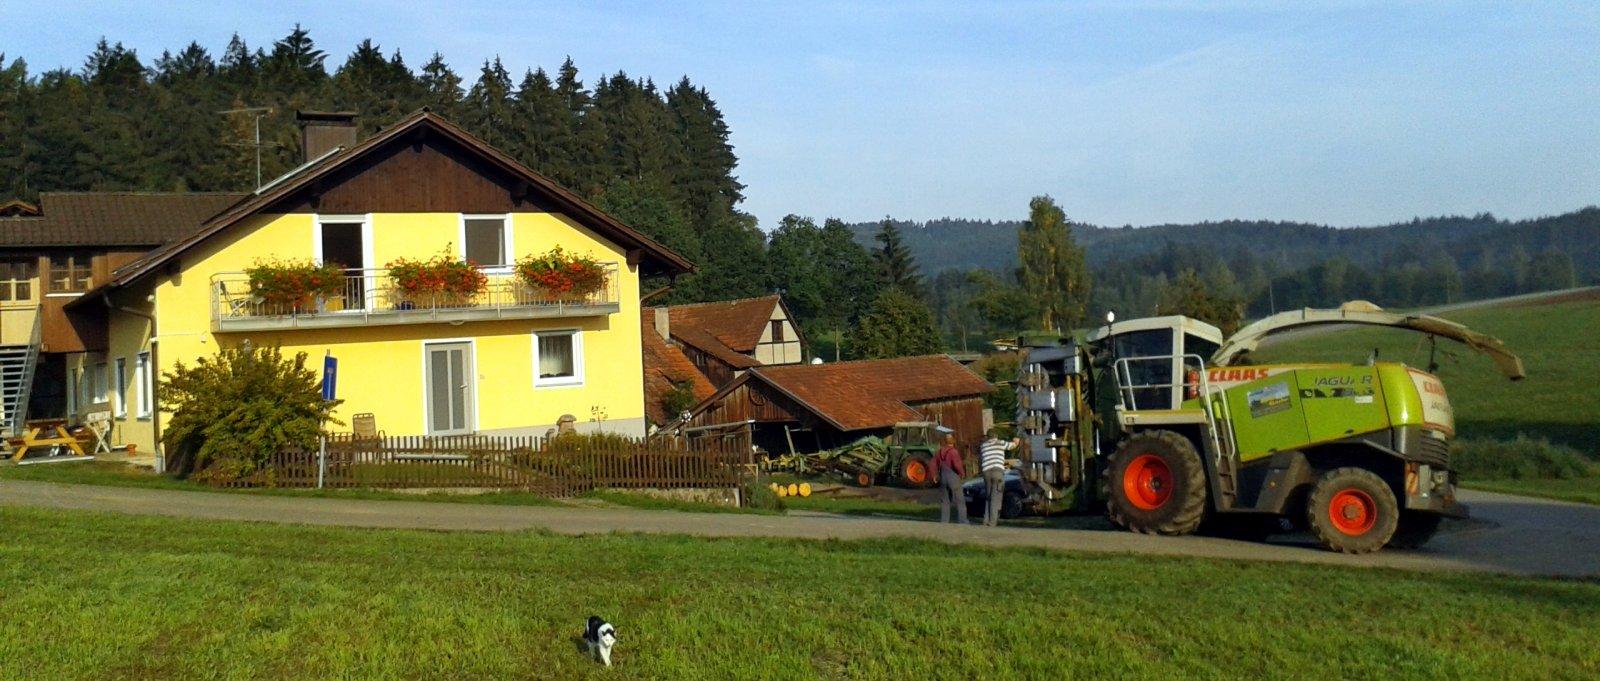 Bauernhof Fingermühl in Michelsneukirchen – Kontakt